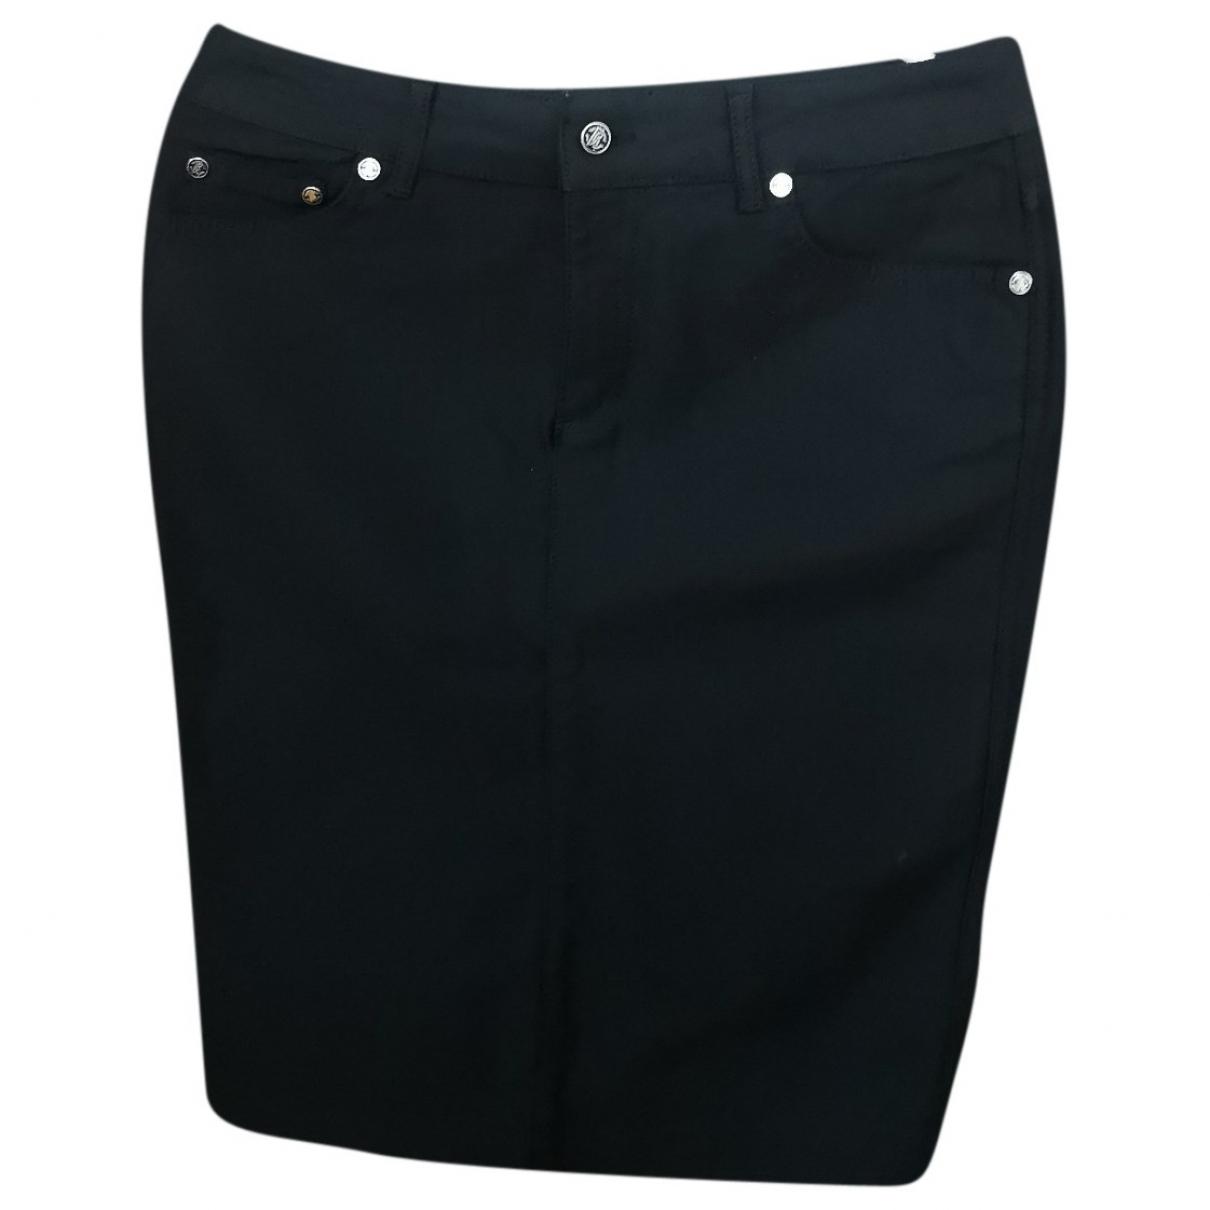 Roberto Cavalli \N Black Denim - Jeans skirt for Women M International